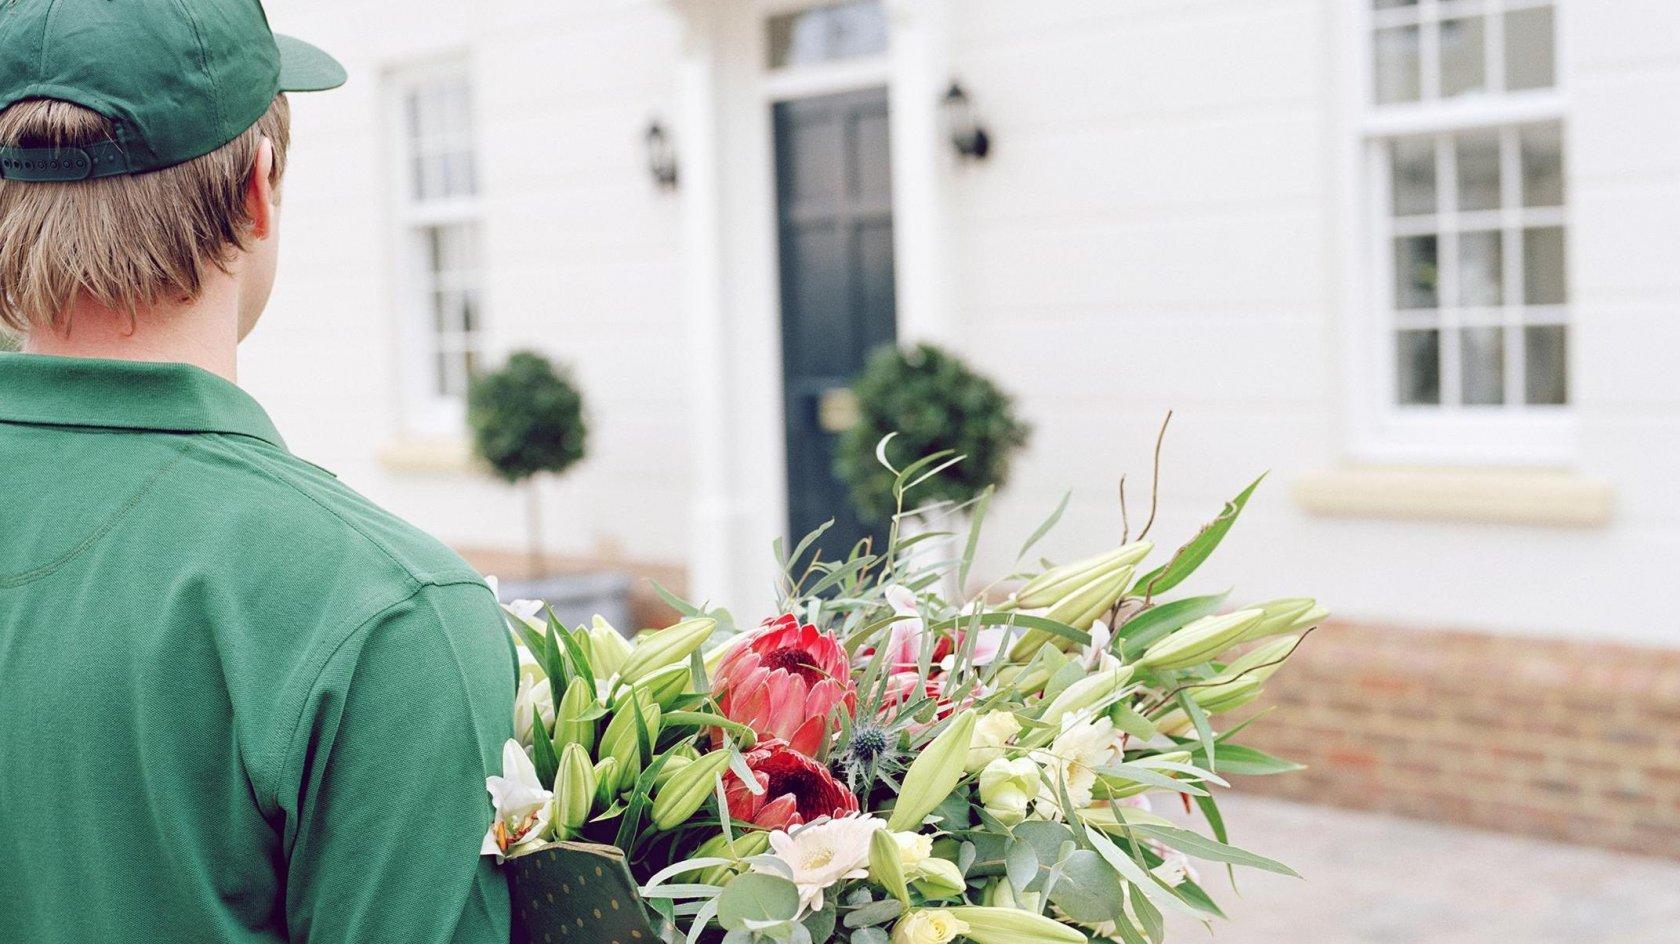 Магазин доставки цветов по Харькову в курсе цветочных модных трендов